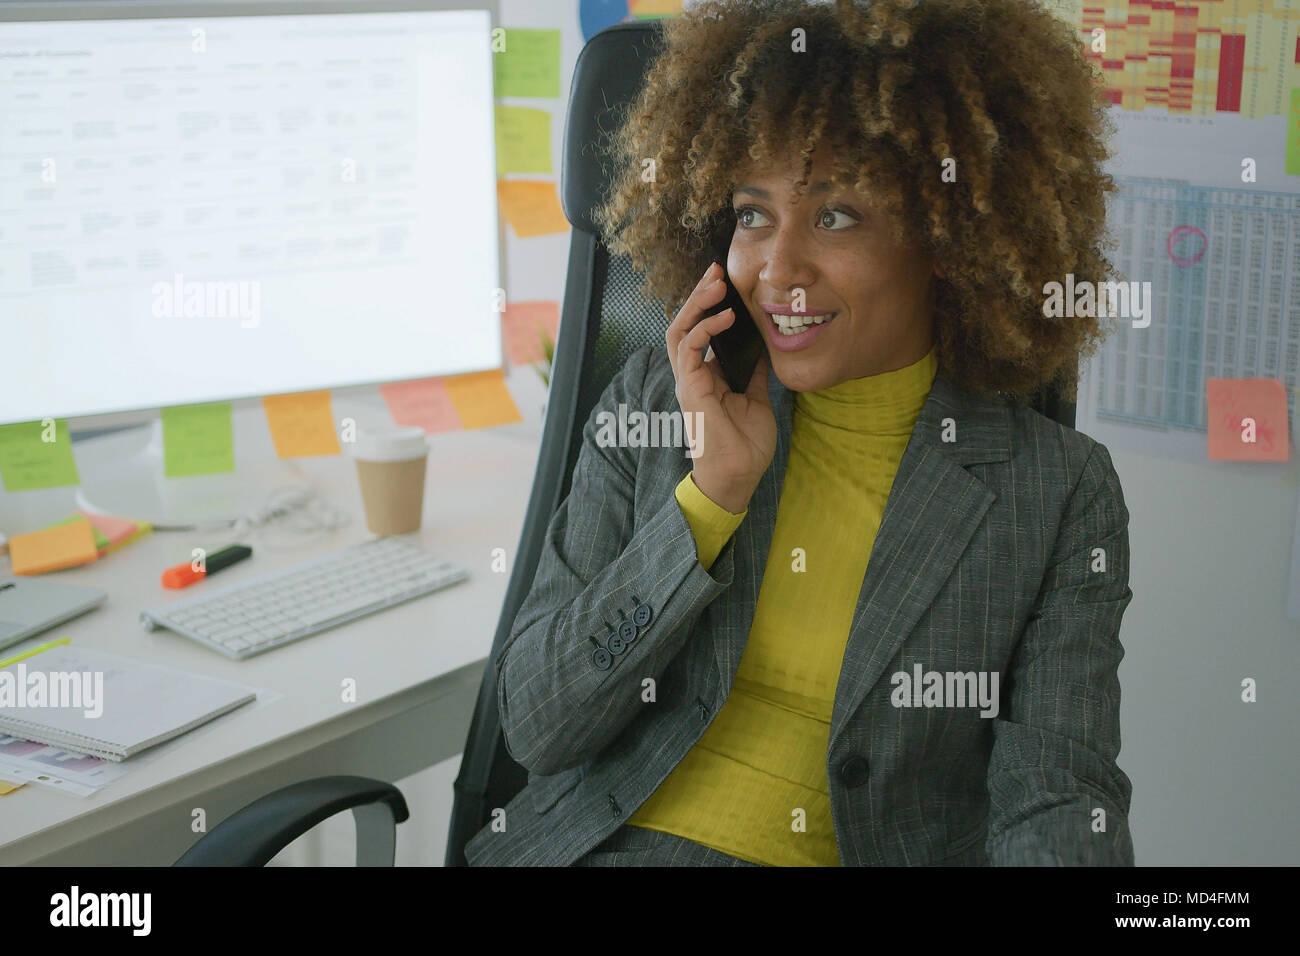 Alegre trabajador elegante hablando por teléfono Imagen De Stock